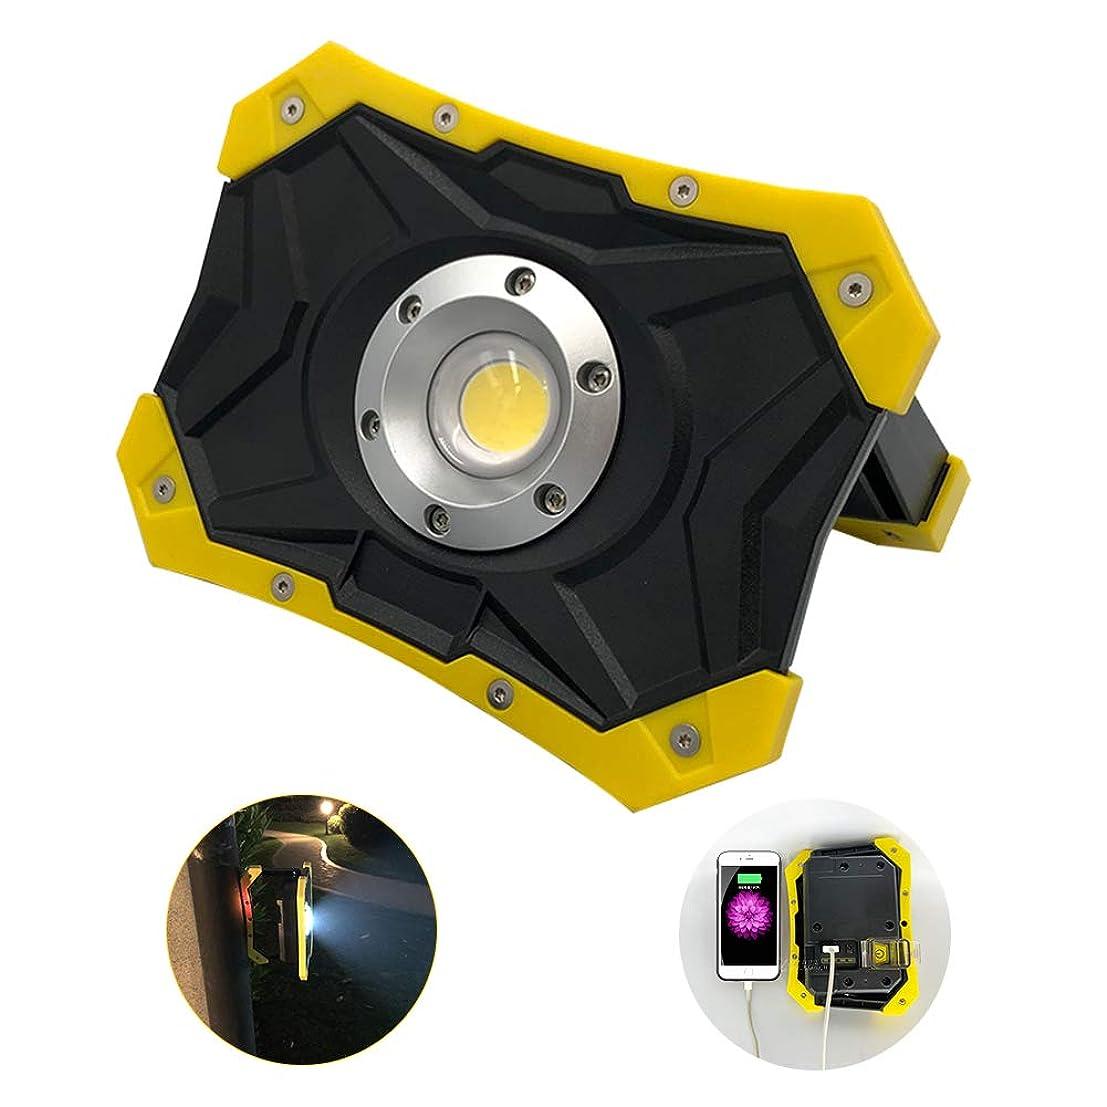 頼るオーストラリア見込みBIXIN LED作業灯 投光器 充電式 防水 20w 2500lm COBライト 磁石 バッテリー ポータブル投光器 コードレス